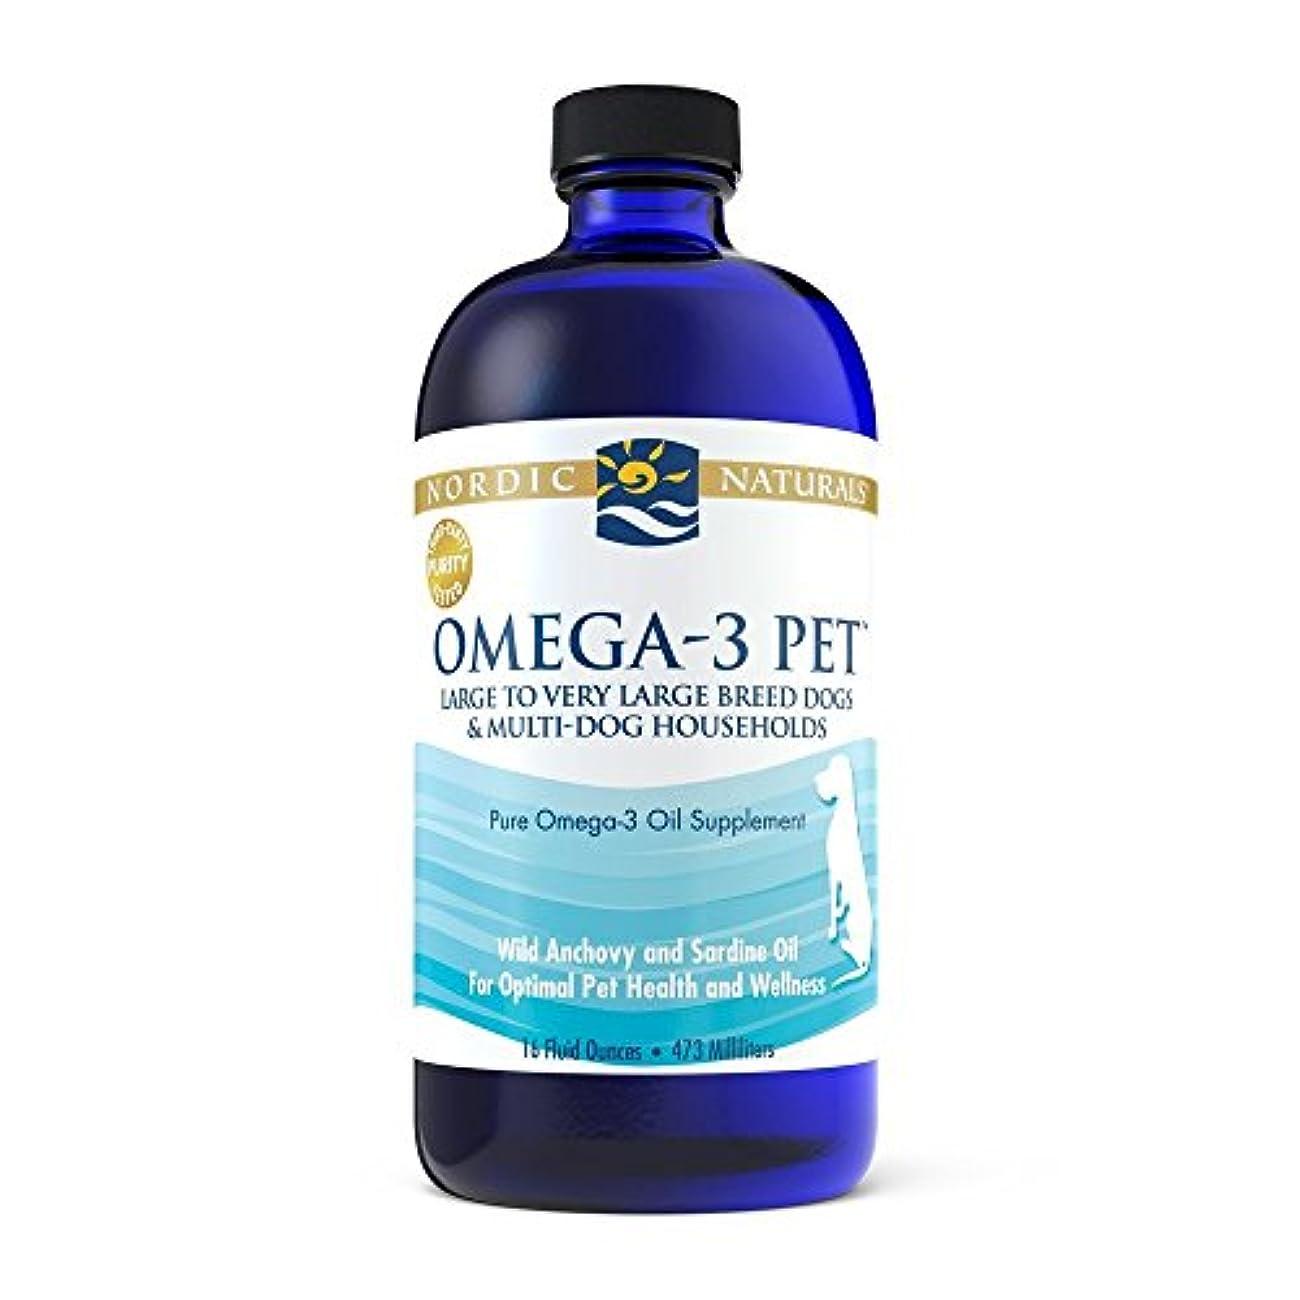 呼び起こす吸収剤靴Nordic Naturals Fish Oil OMEGA-3 Essential Fatty Acid for Dogs + Cats 16 oz 海外直送品